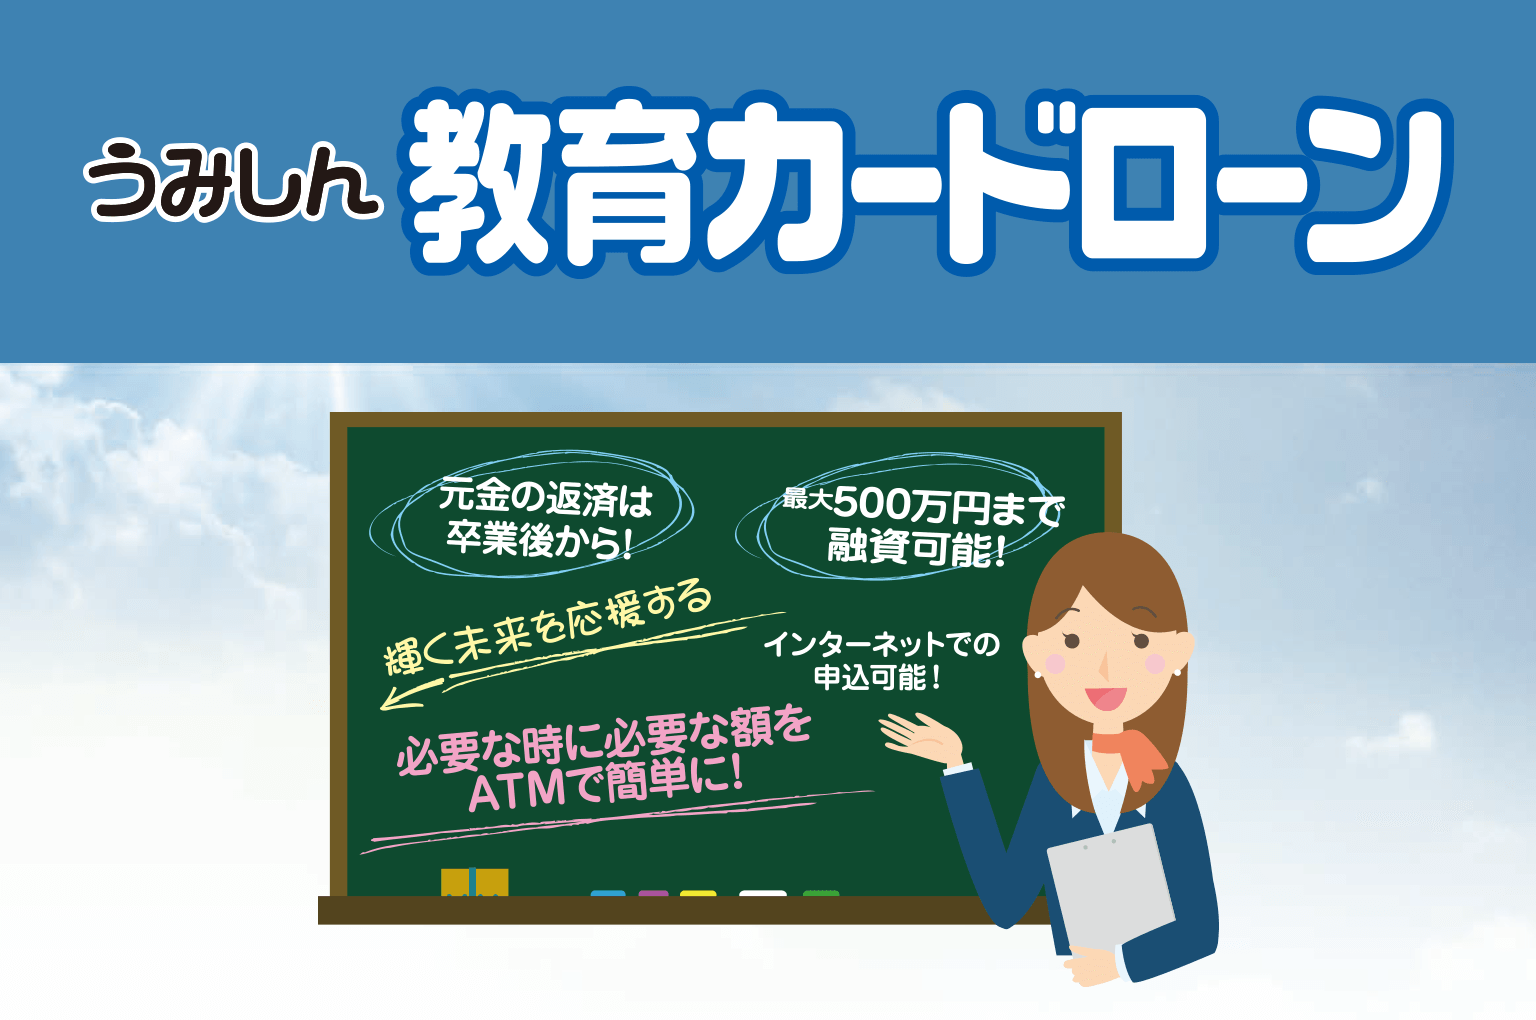 うみしん教育カードローンキャンペーン